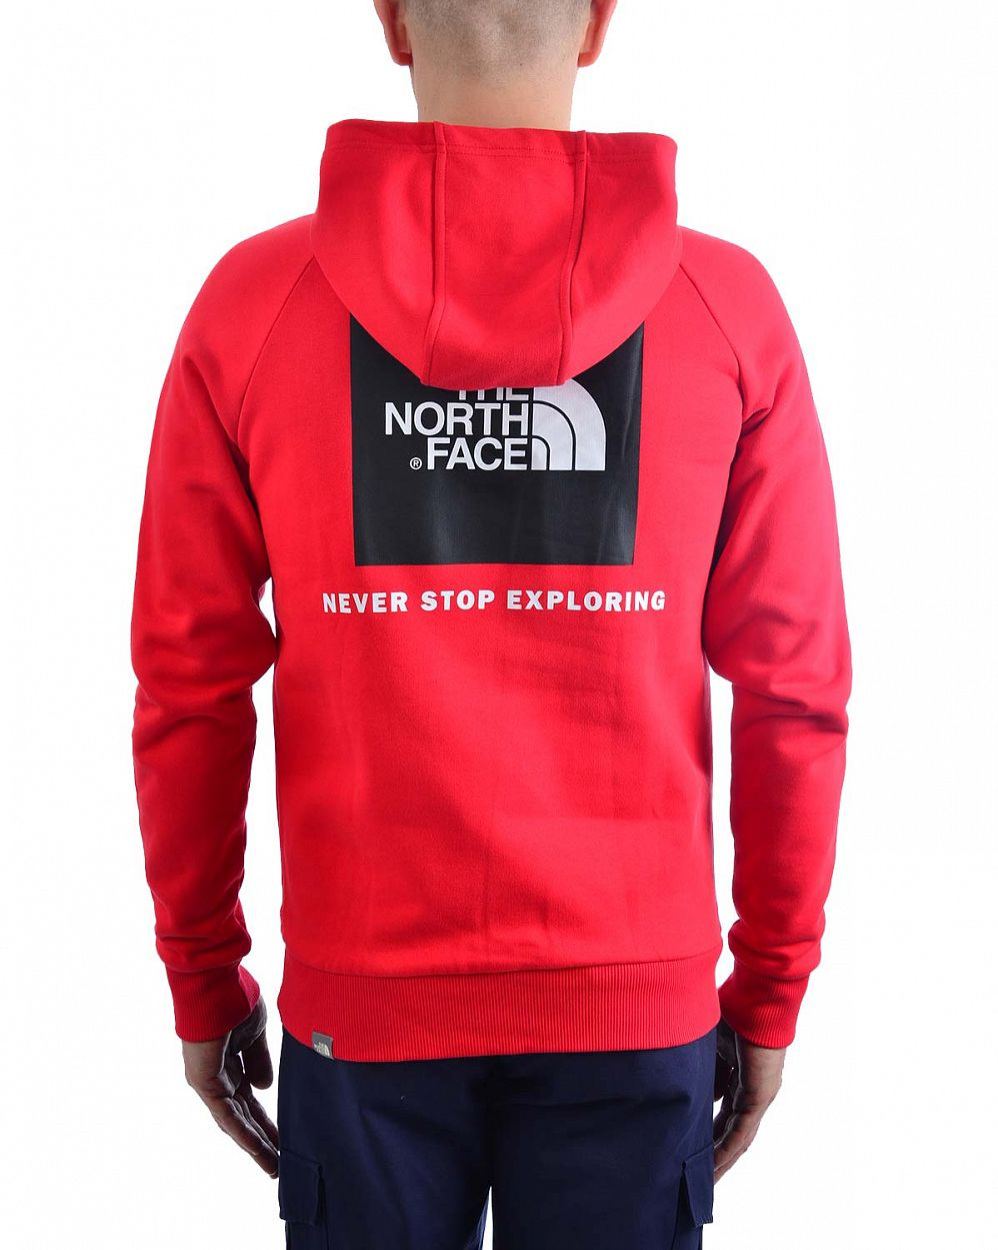 7841a9989c1 Толстовка мужская с капюшоном флисовая The North Face Raglan Red отзывы  2  ...